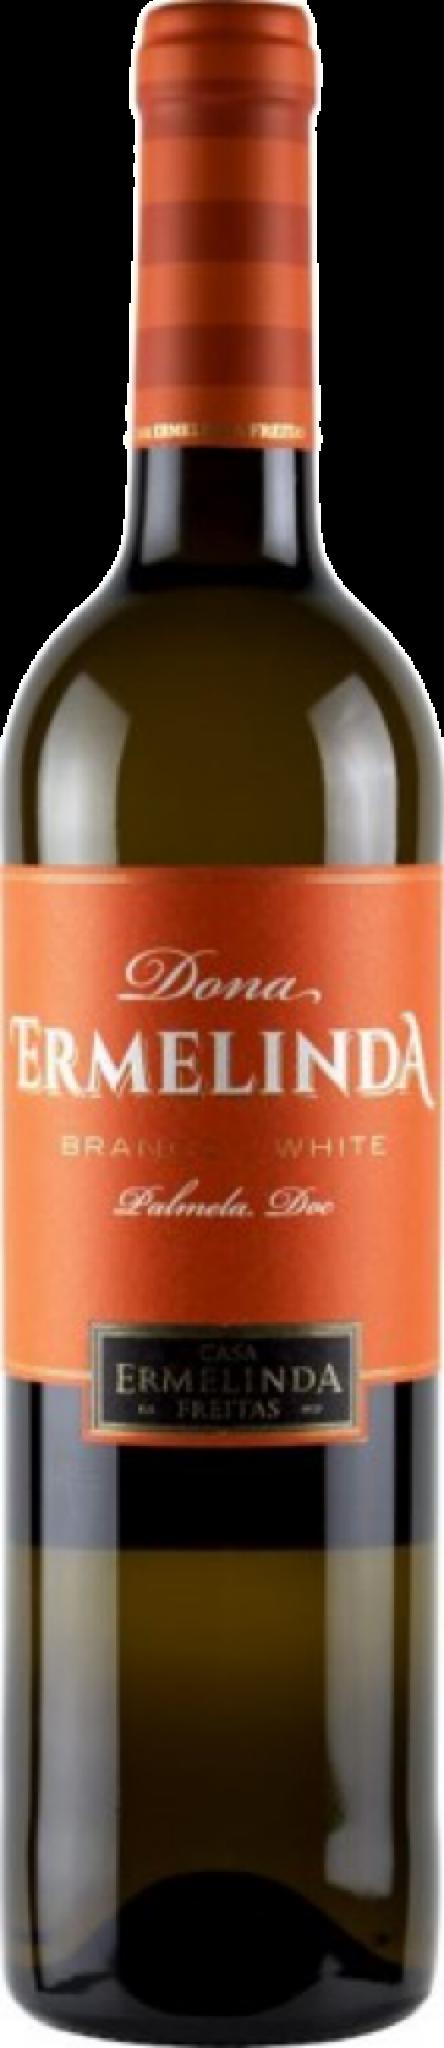 ポルトガル 白ワイン ジャパンワインチャレンジ